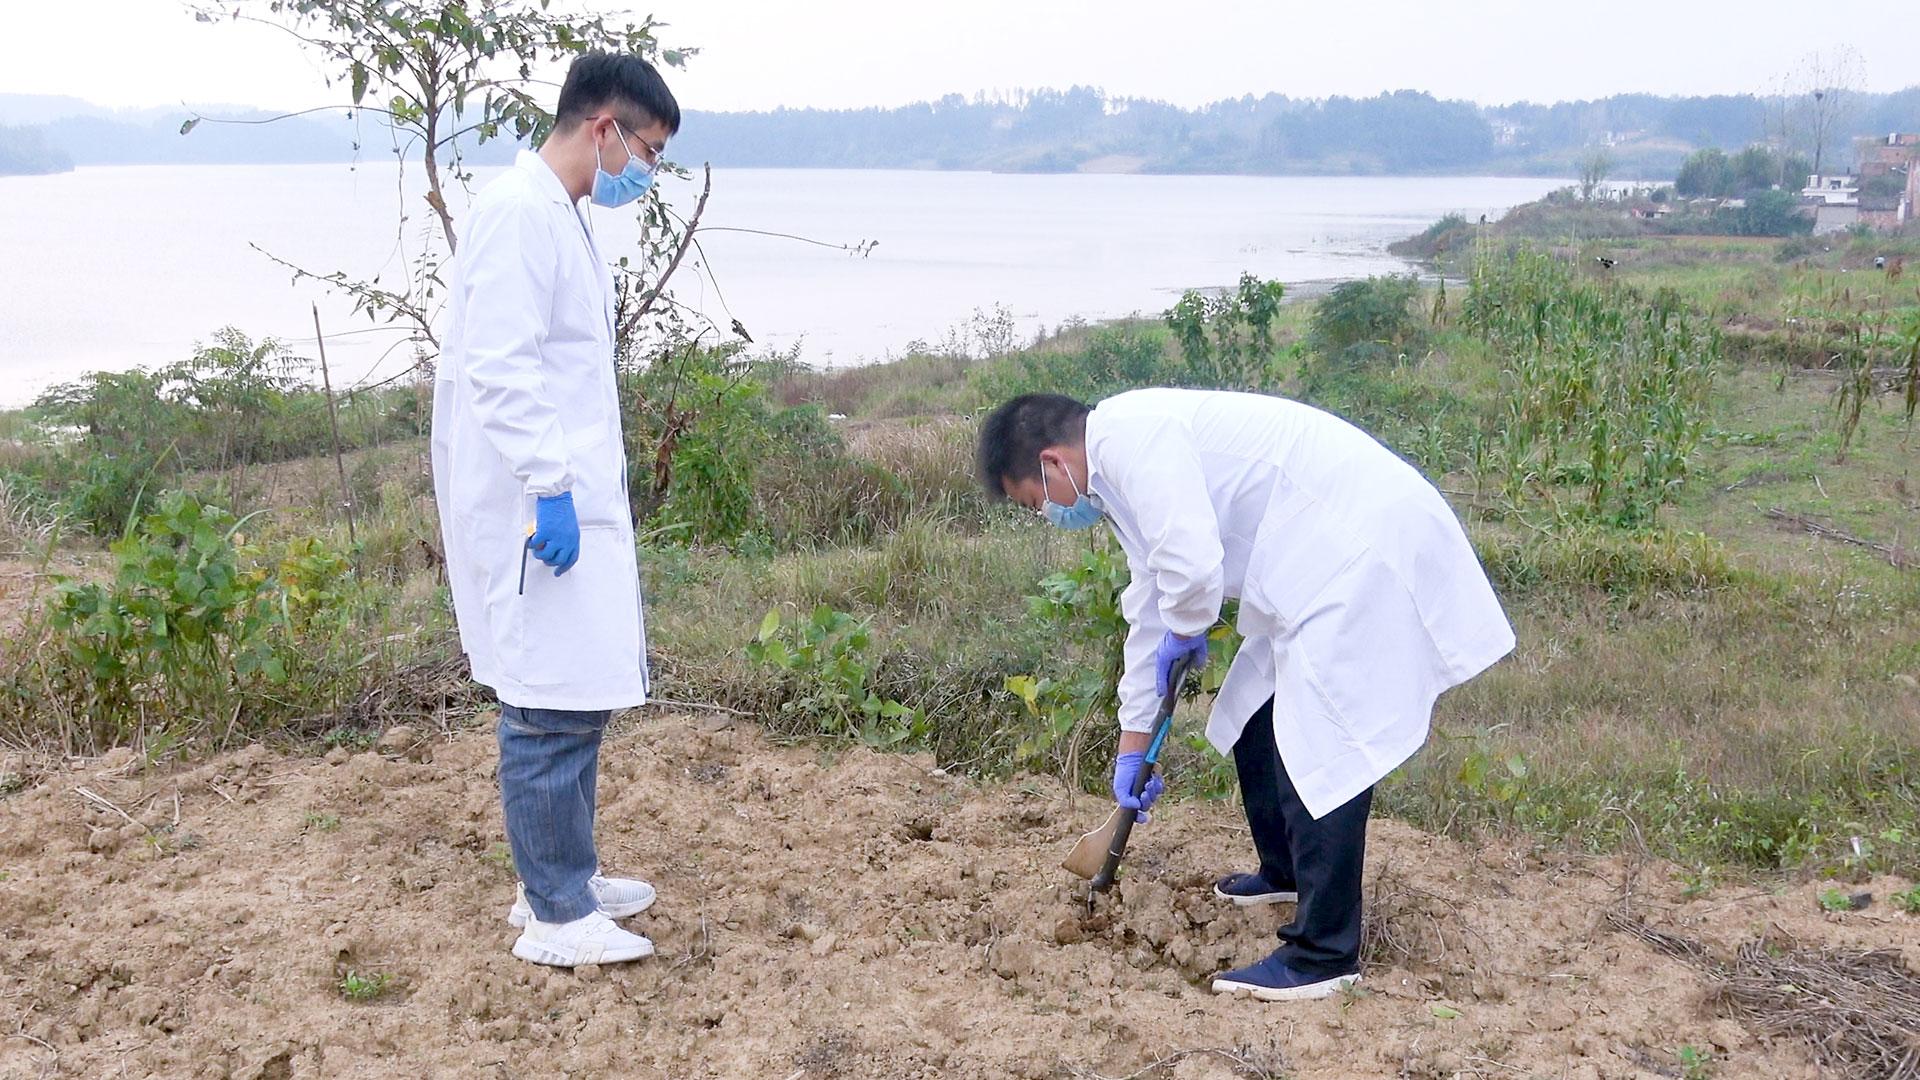 土壤采样技术-点播-www.bzwz.com国家标准物质网